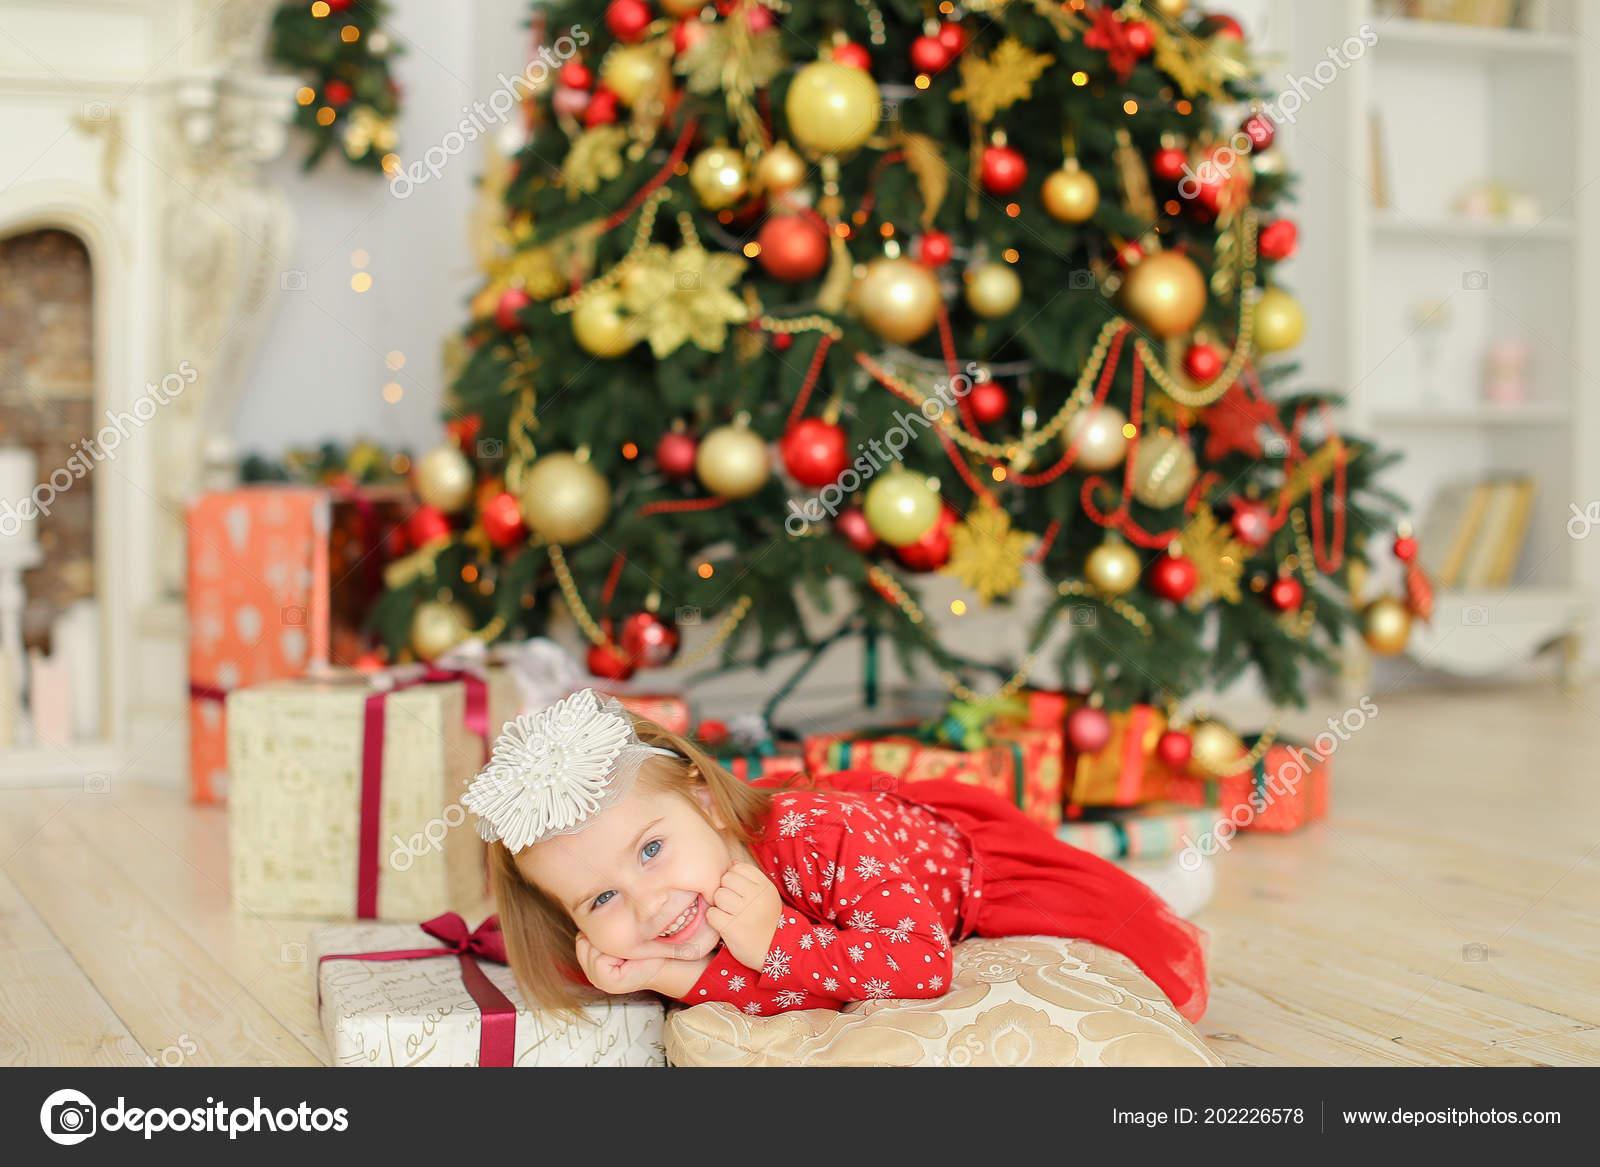 17924fab97 Caucásica niña con vestido rojo de mentira cerca de árbol de Navidad y  regalos. Concepto de la celebración de vacaciones de invierno